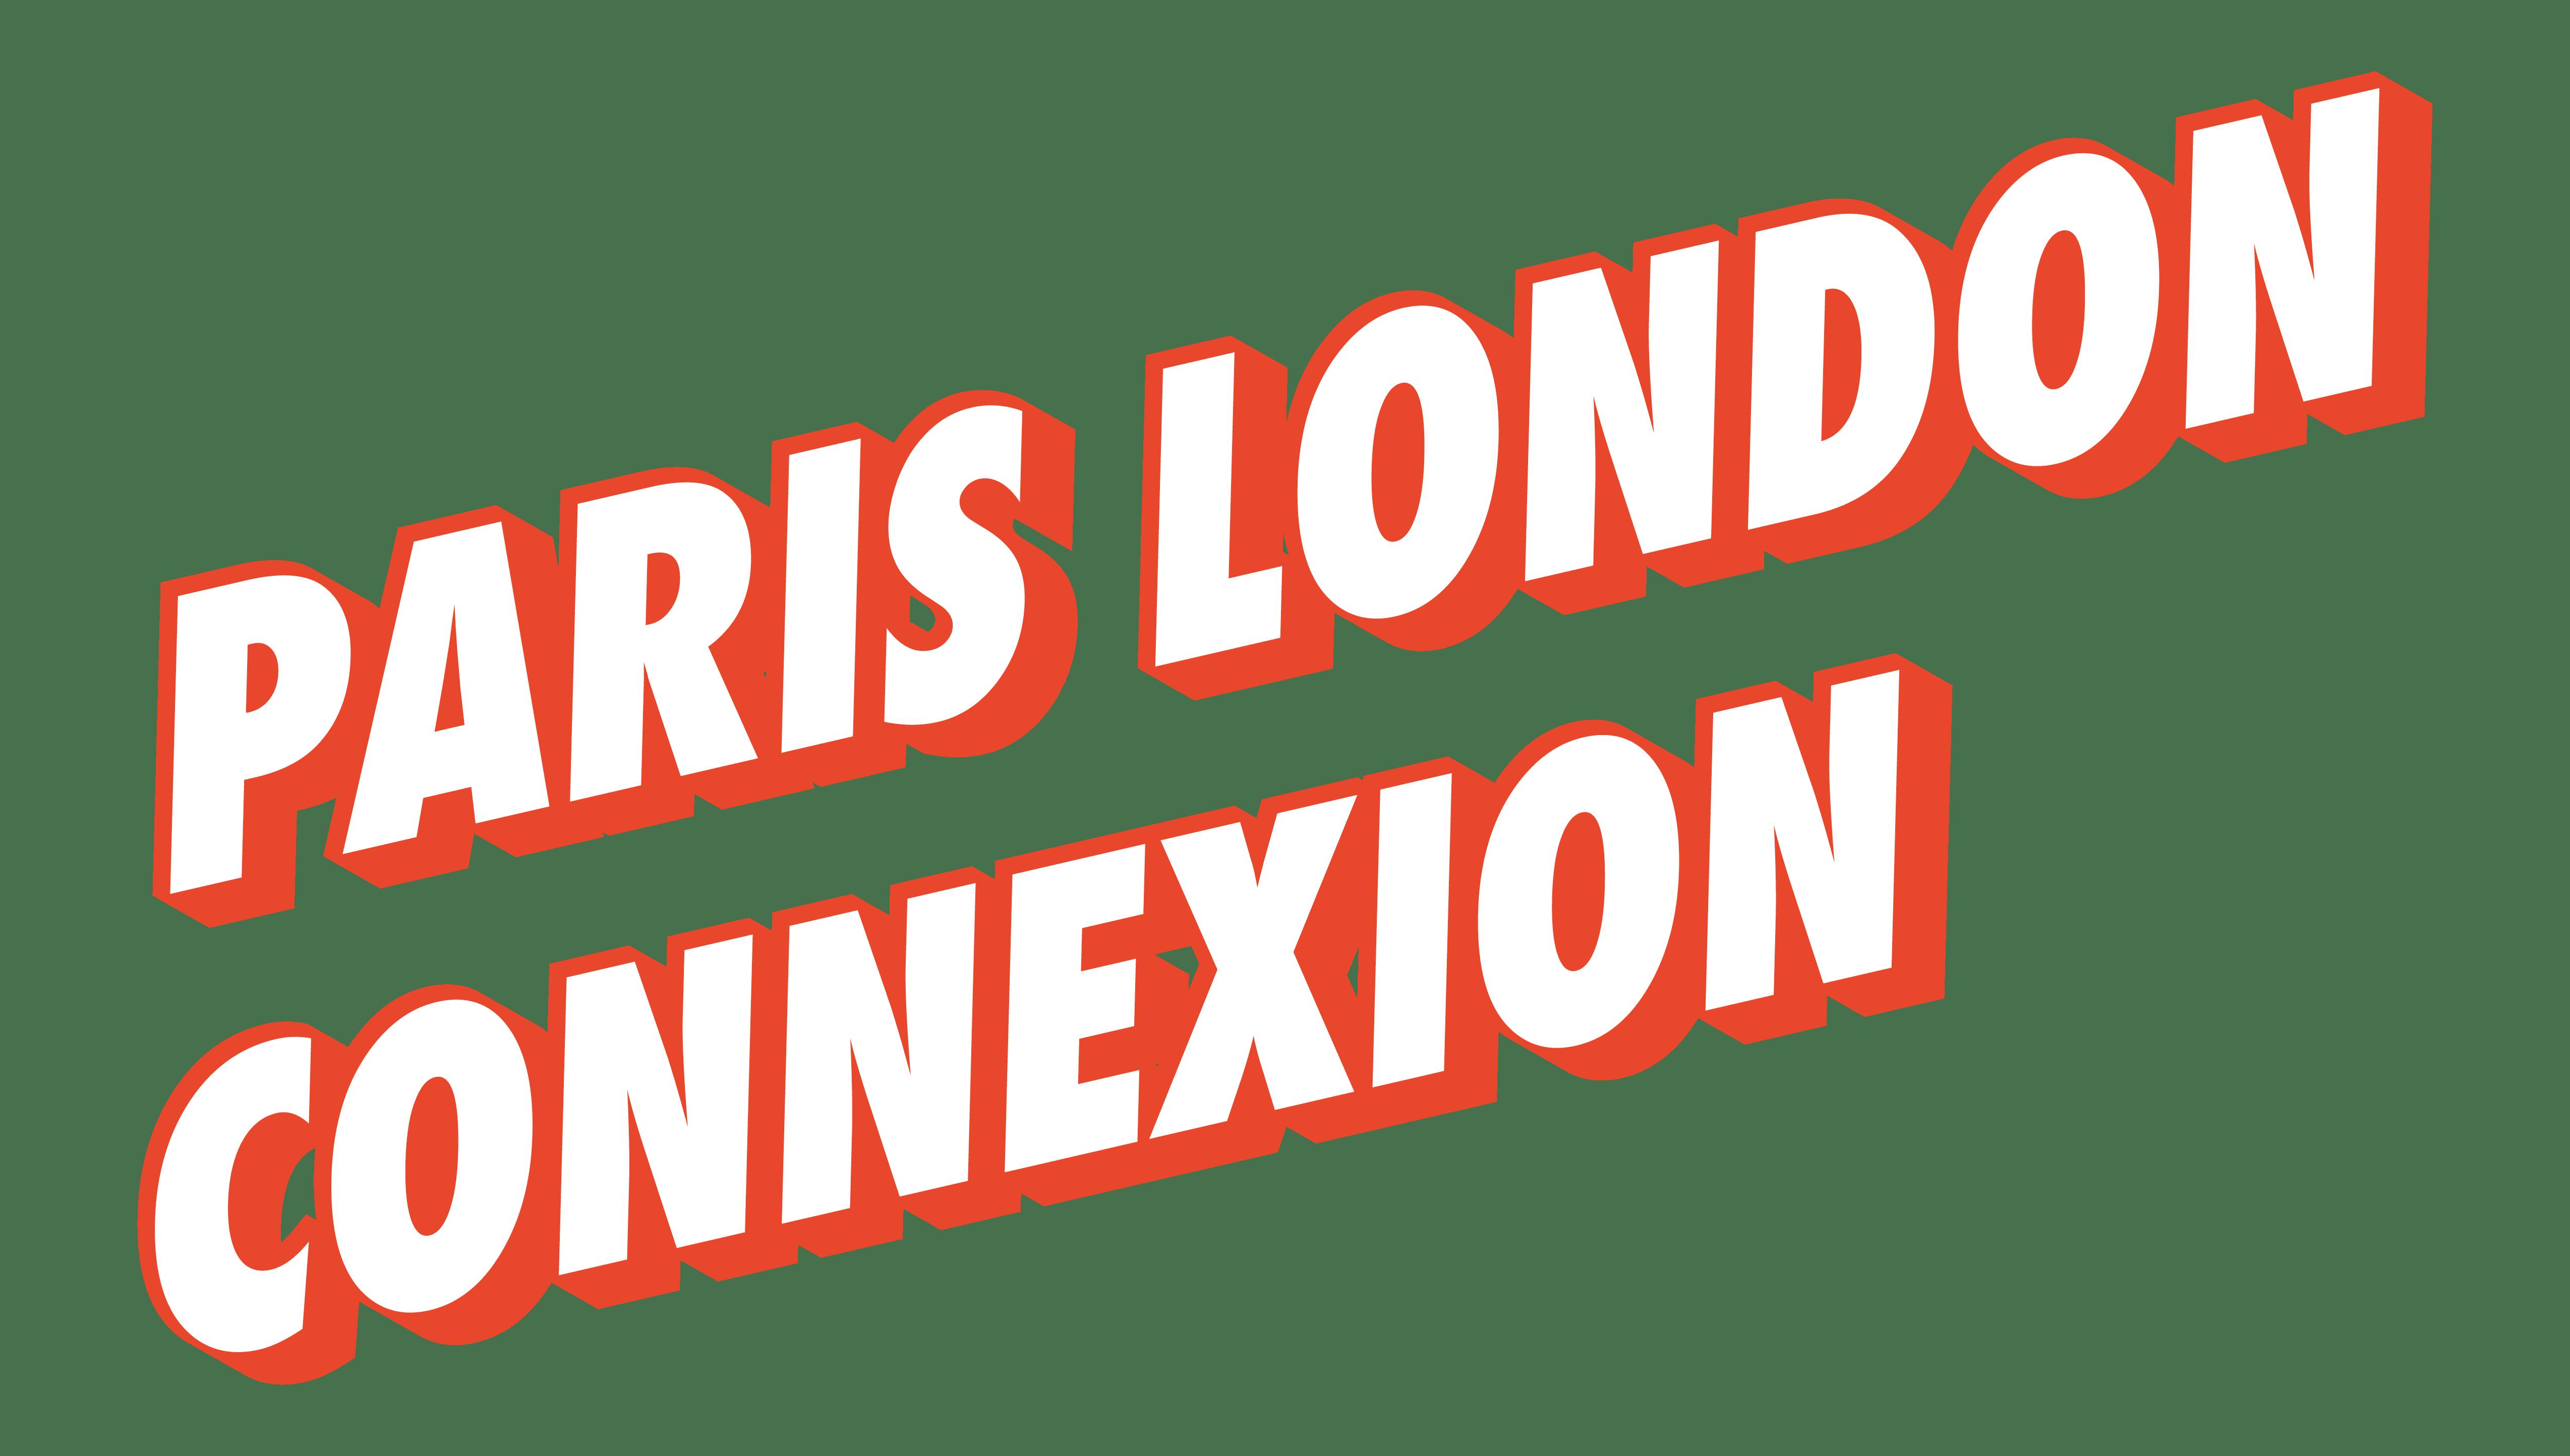 Paris London Connexion